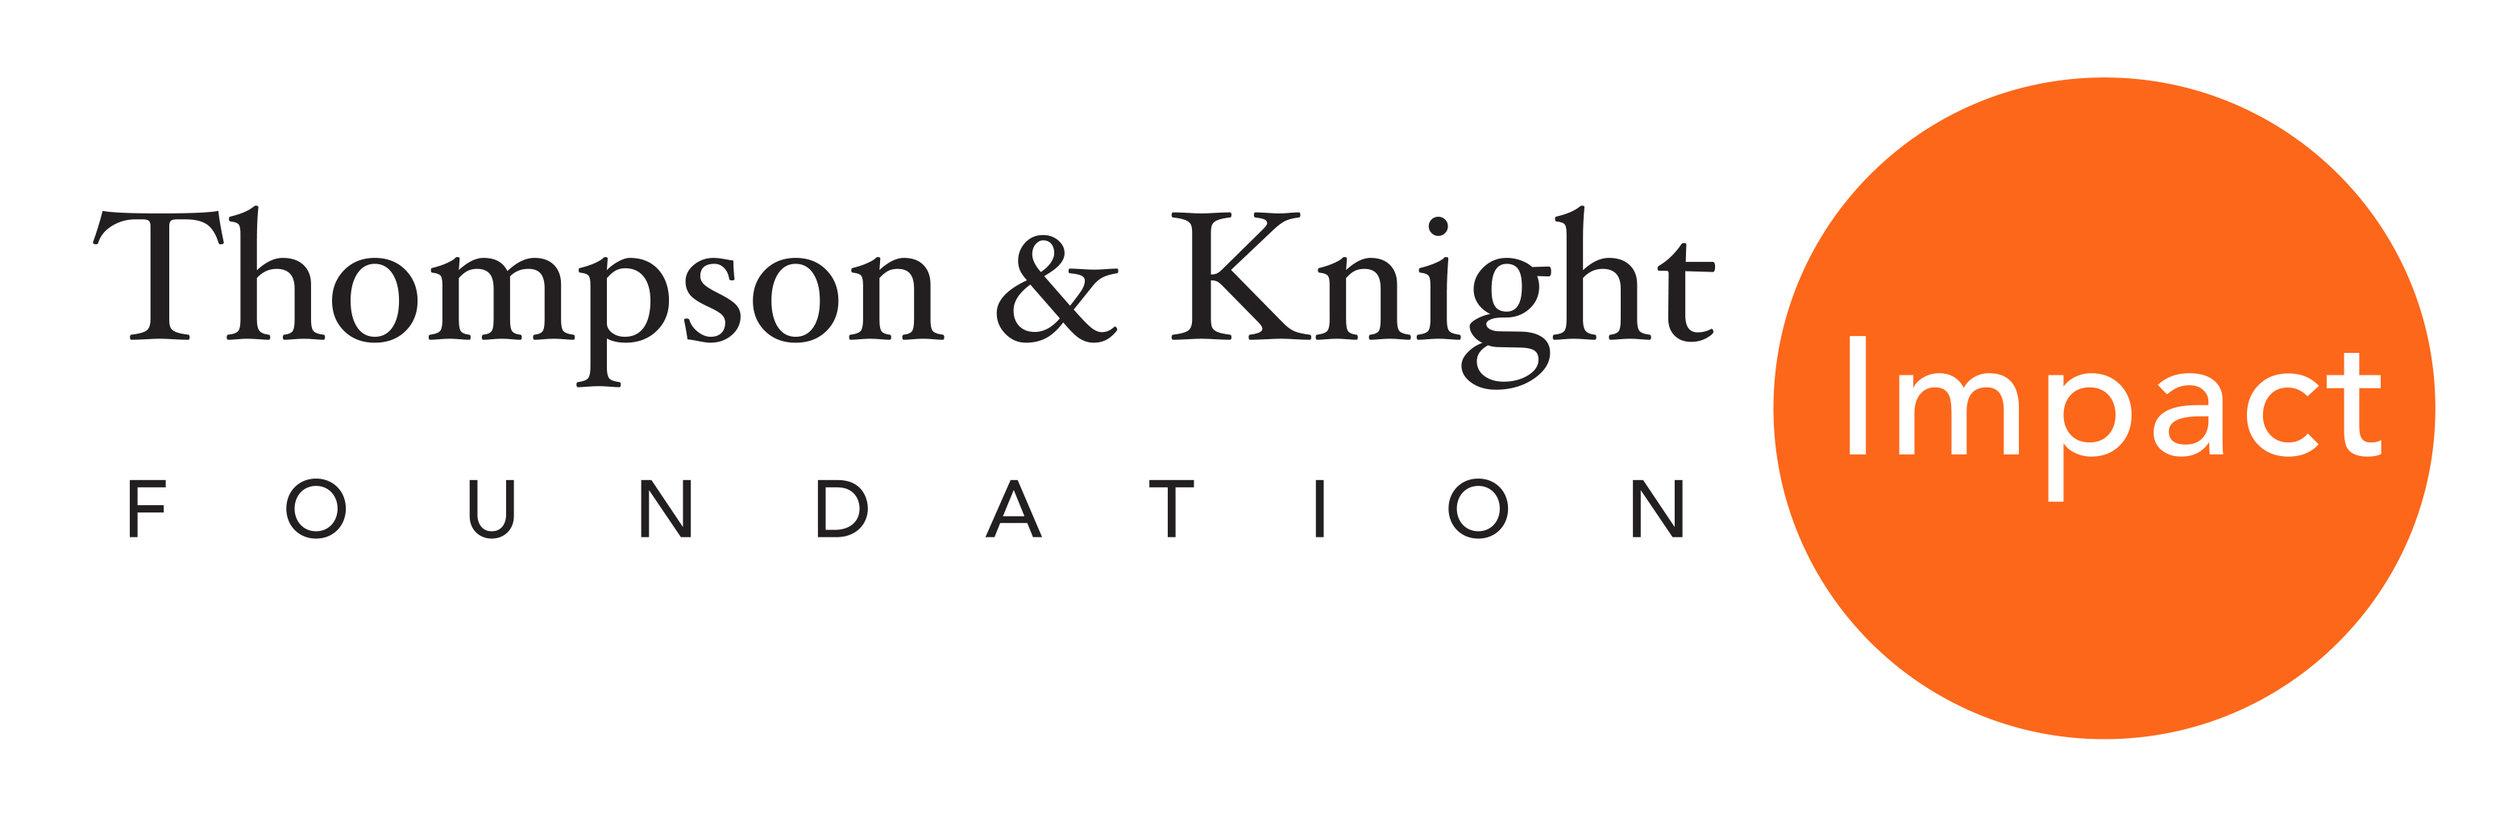 TK Foundation Logo PMS 165.jpg